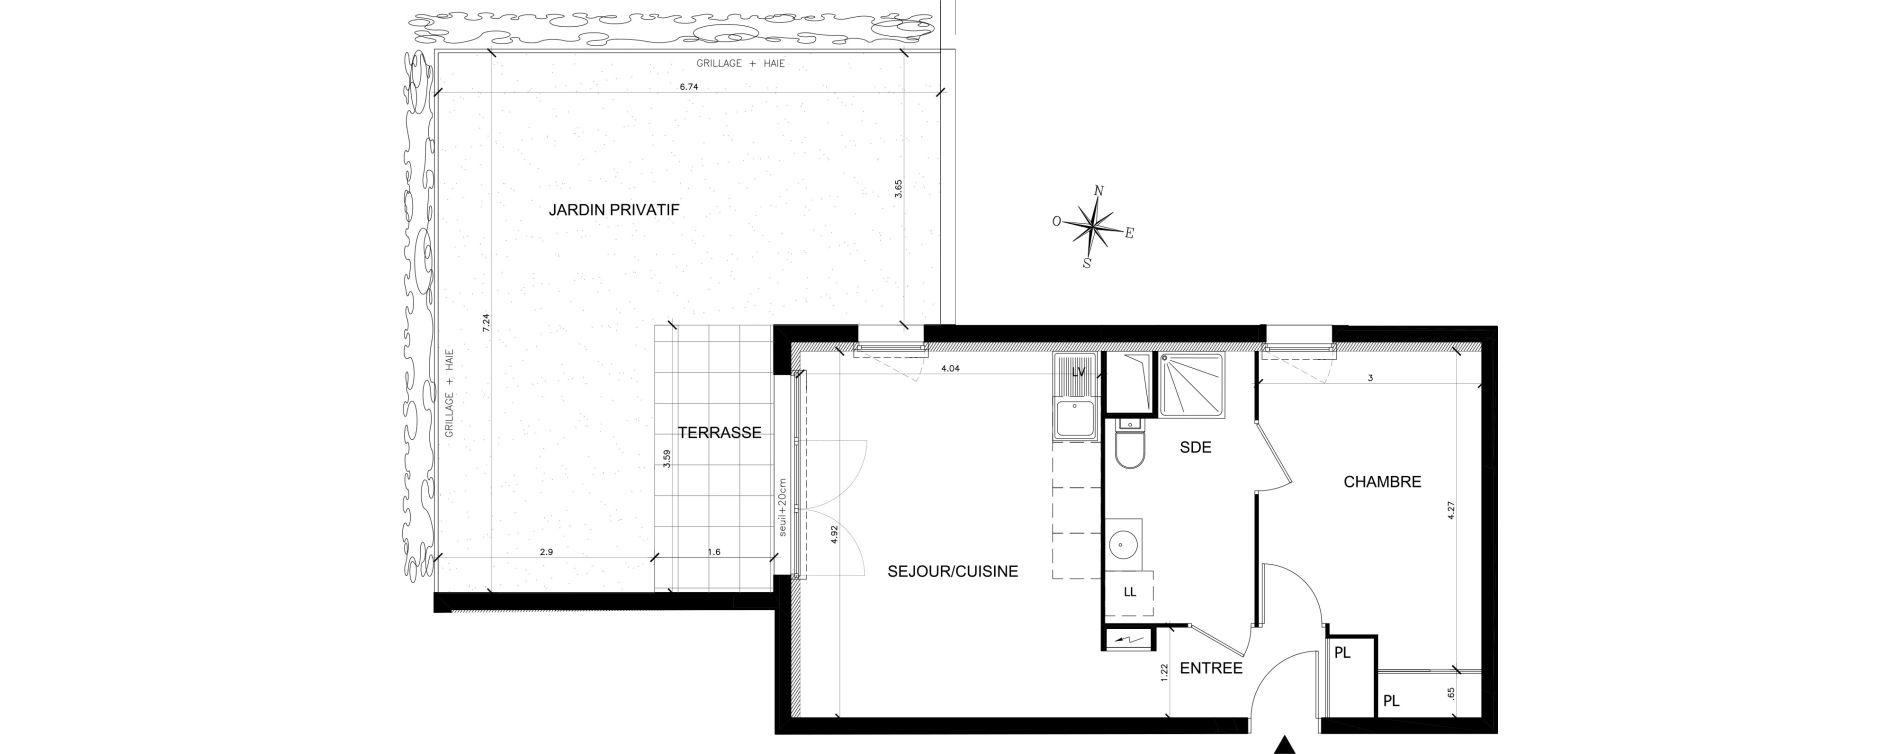 Appartement T2 de 43,53 m2 à Saran Chatonnerie